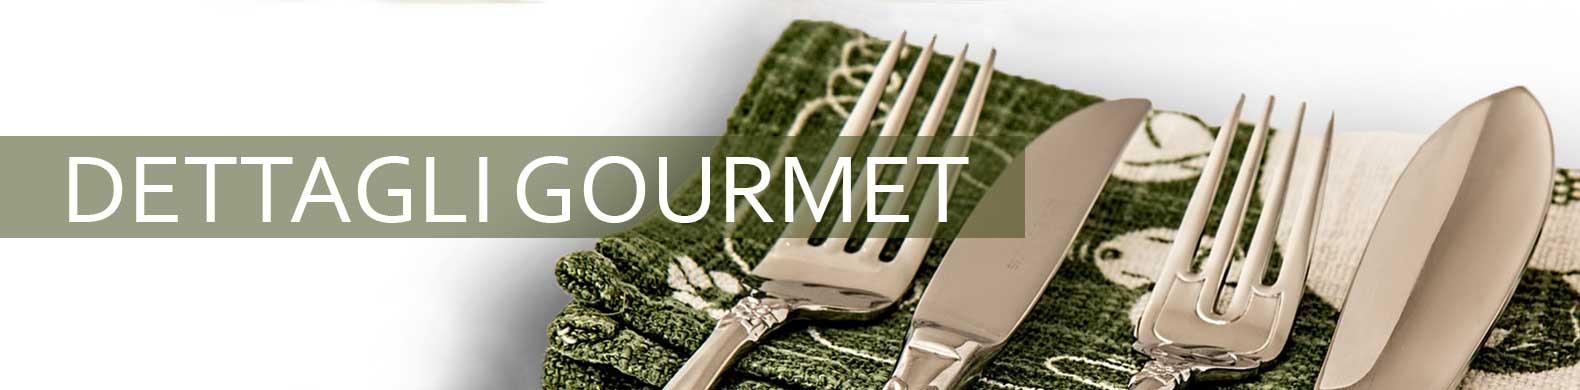 Lo striscione con dettagli gourmet è drappeggiato su un tovagliolo.